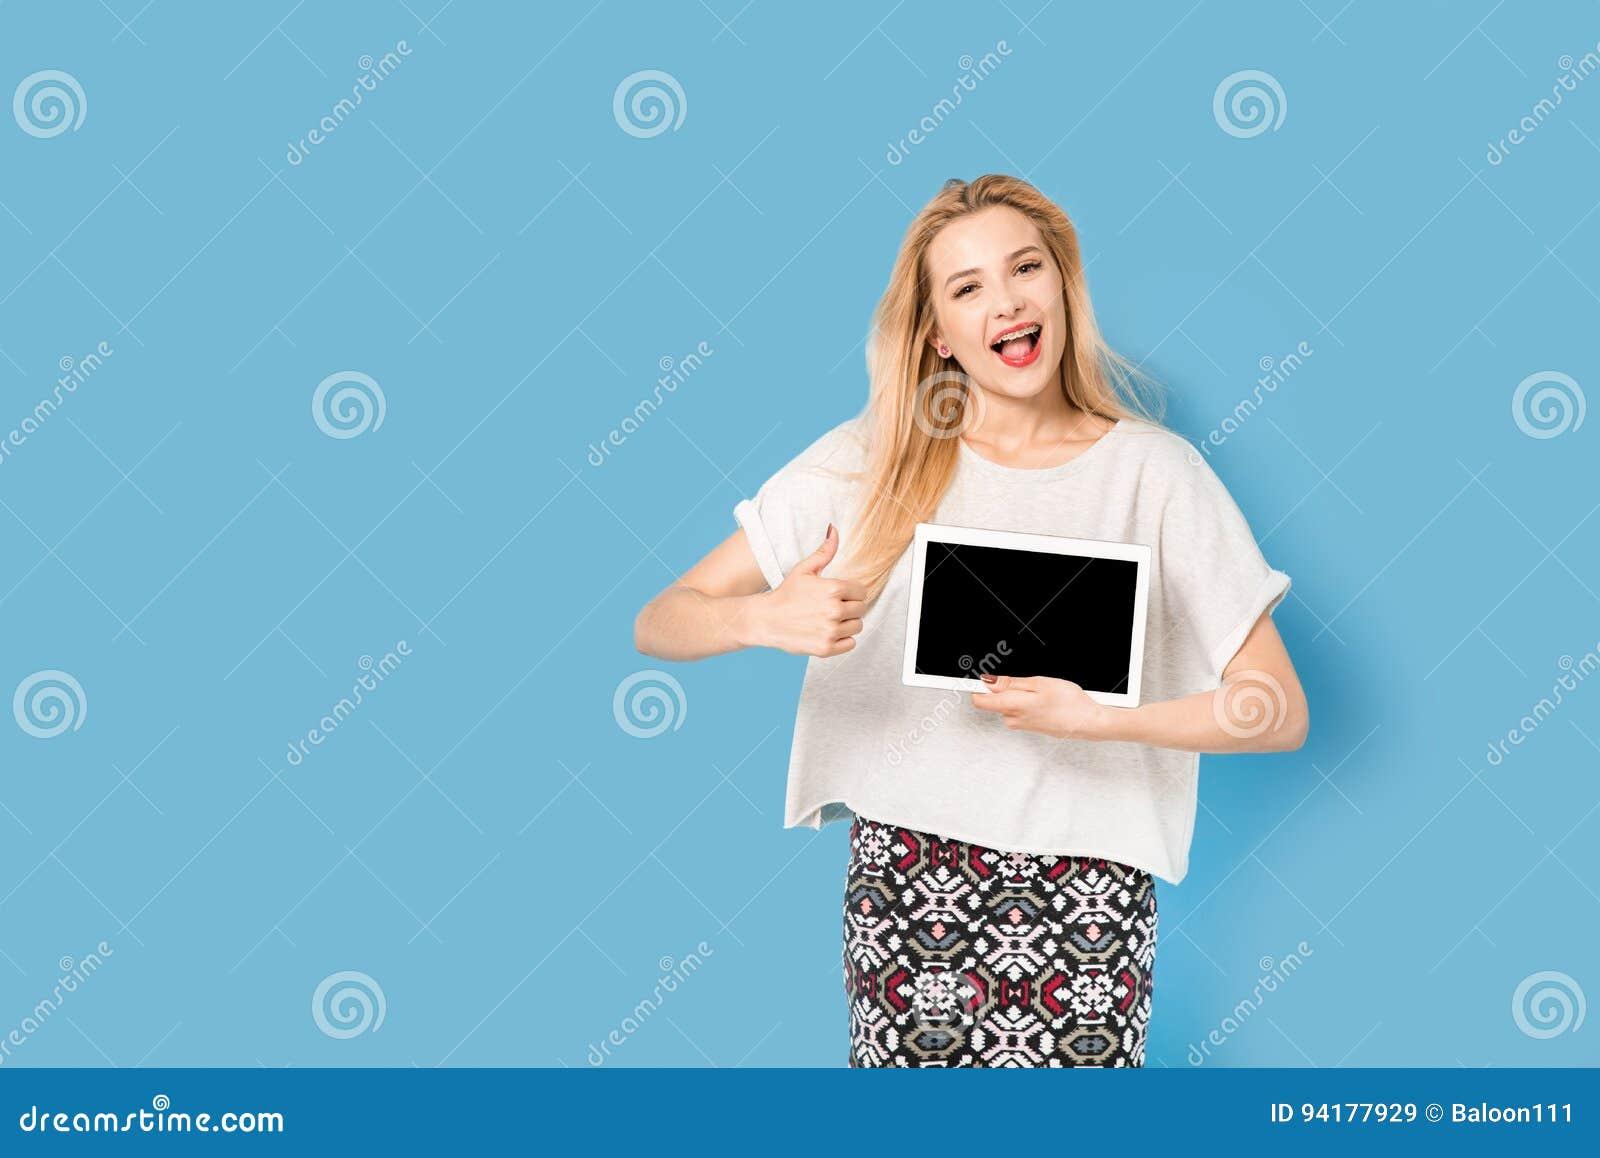 Junges schönes Mädchen mit ihrem Tabletten-PC stellt dar